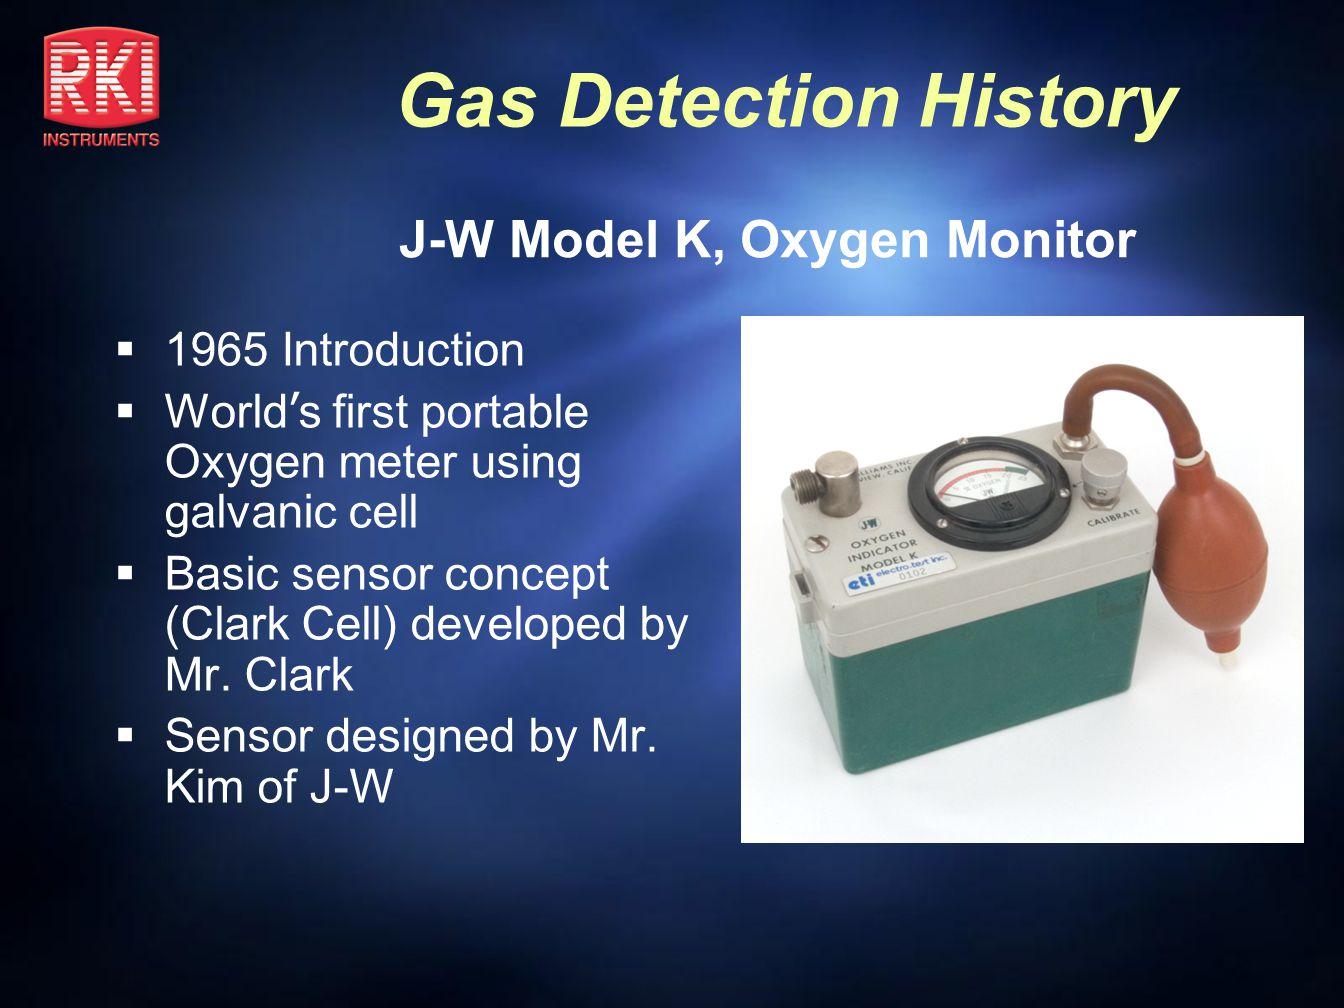 J-W Model K, Oxygen Monitor